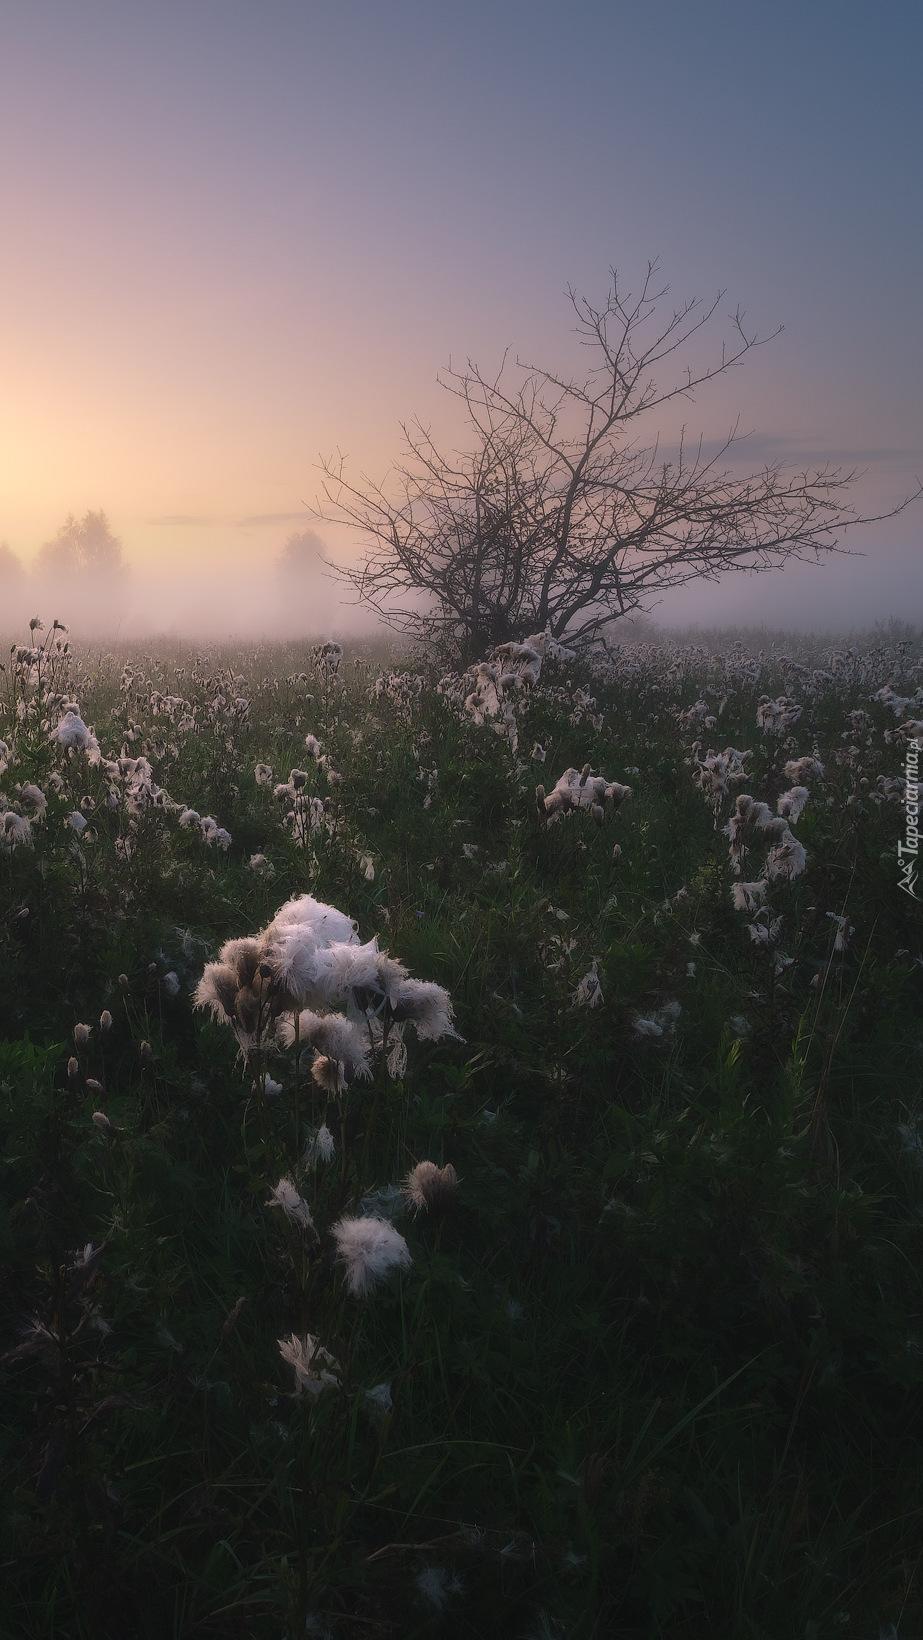 Poranek nad zamgloną łąką